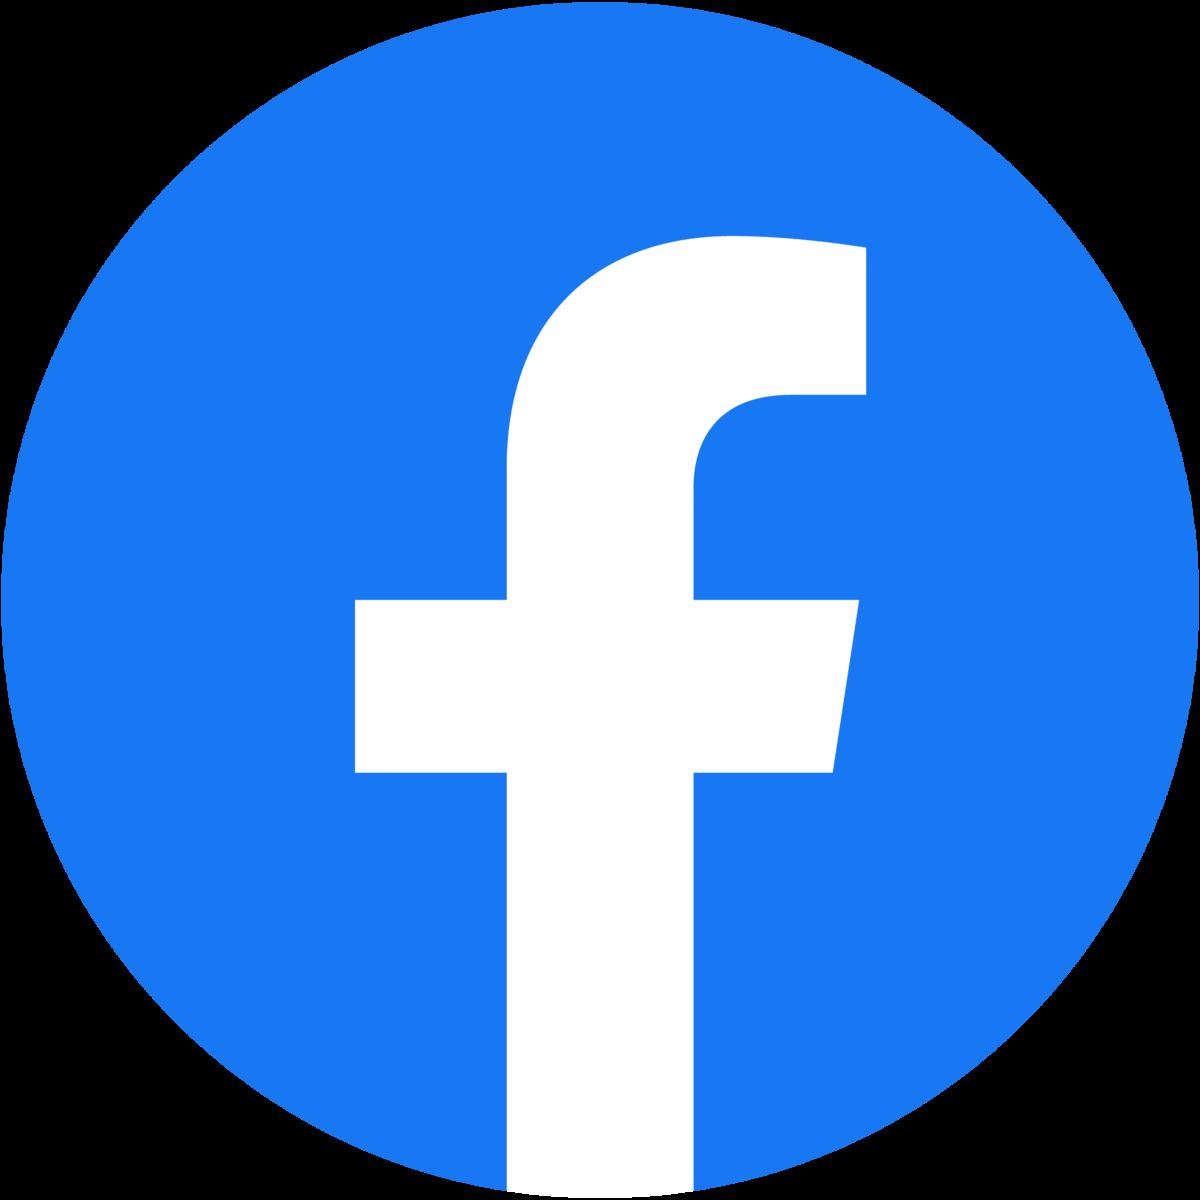 Sparplan-Strategie: Facebook Logo